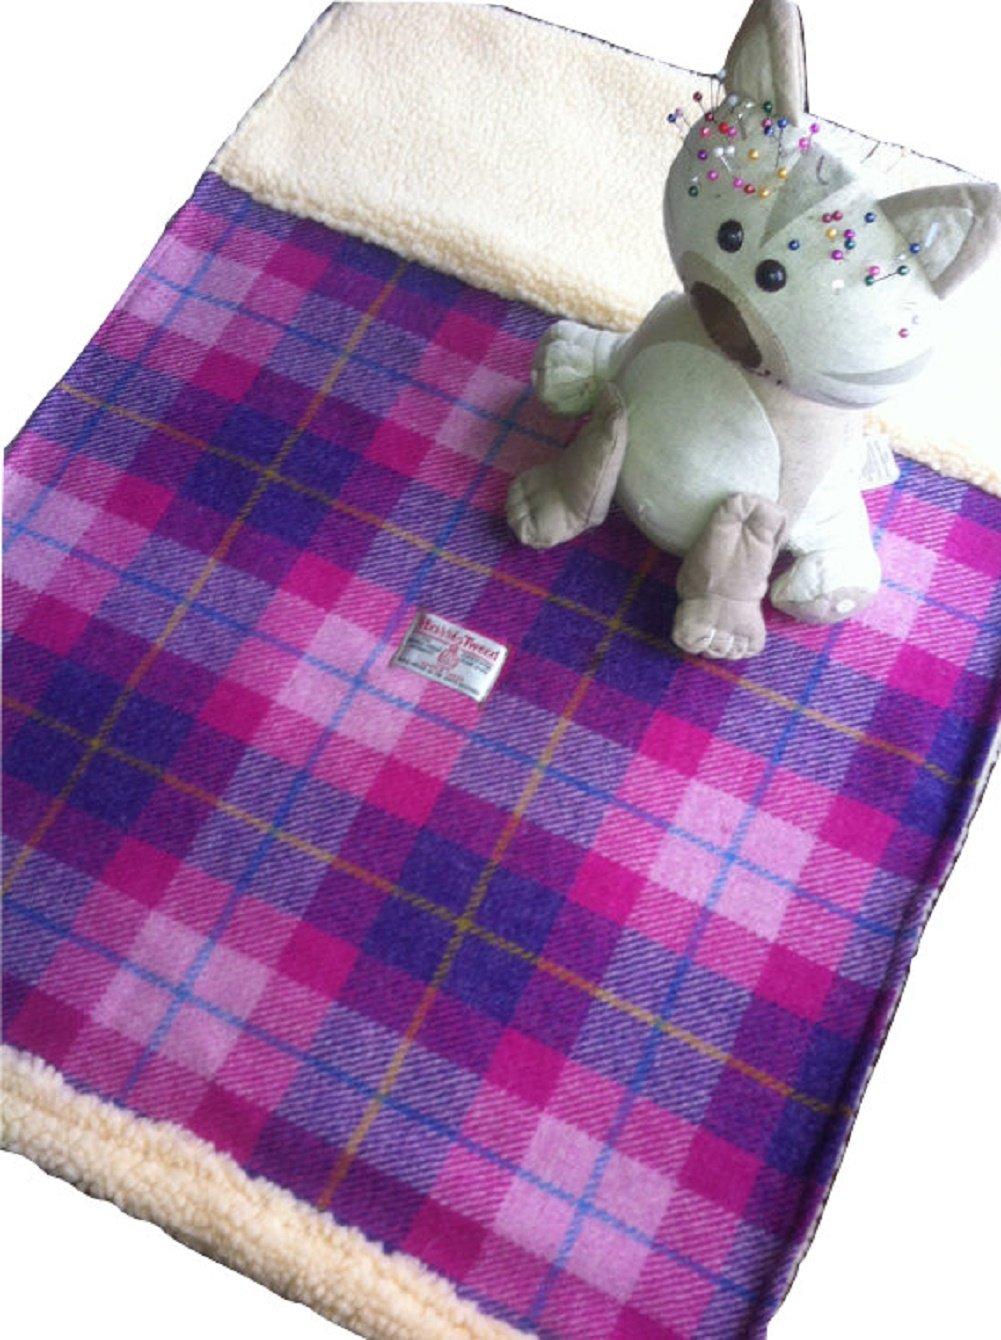 Baby Blanket - Pink Heidekraut Plaid Harris Tweed Hand gemacht in Schottland